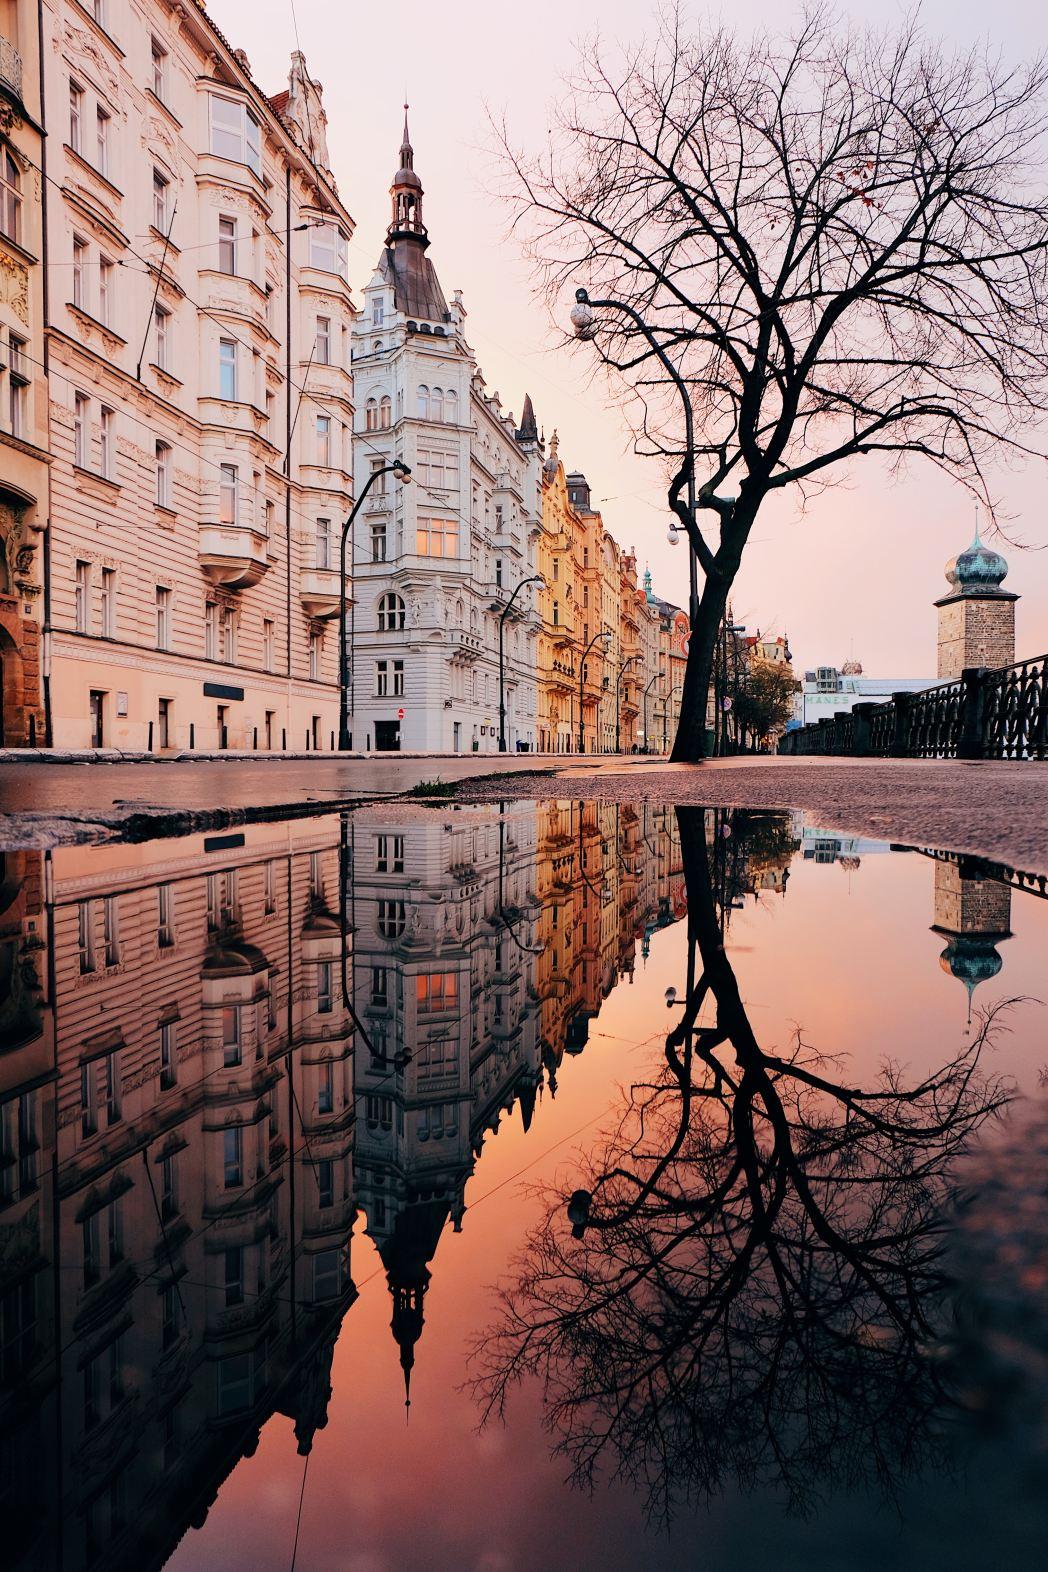 I 20 tramonti più belli d'Europa: Praga